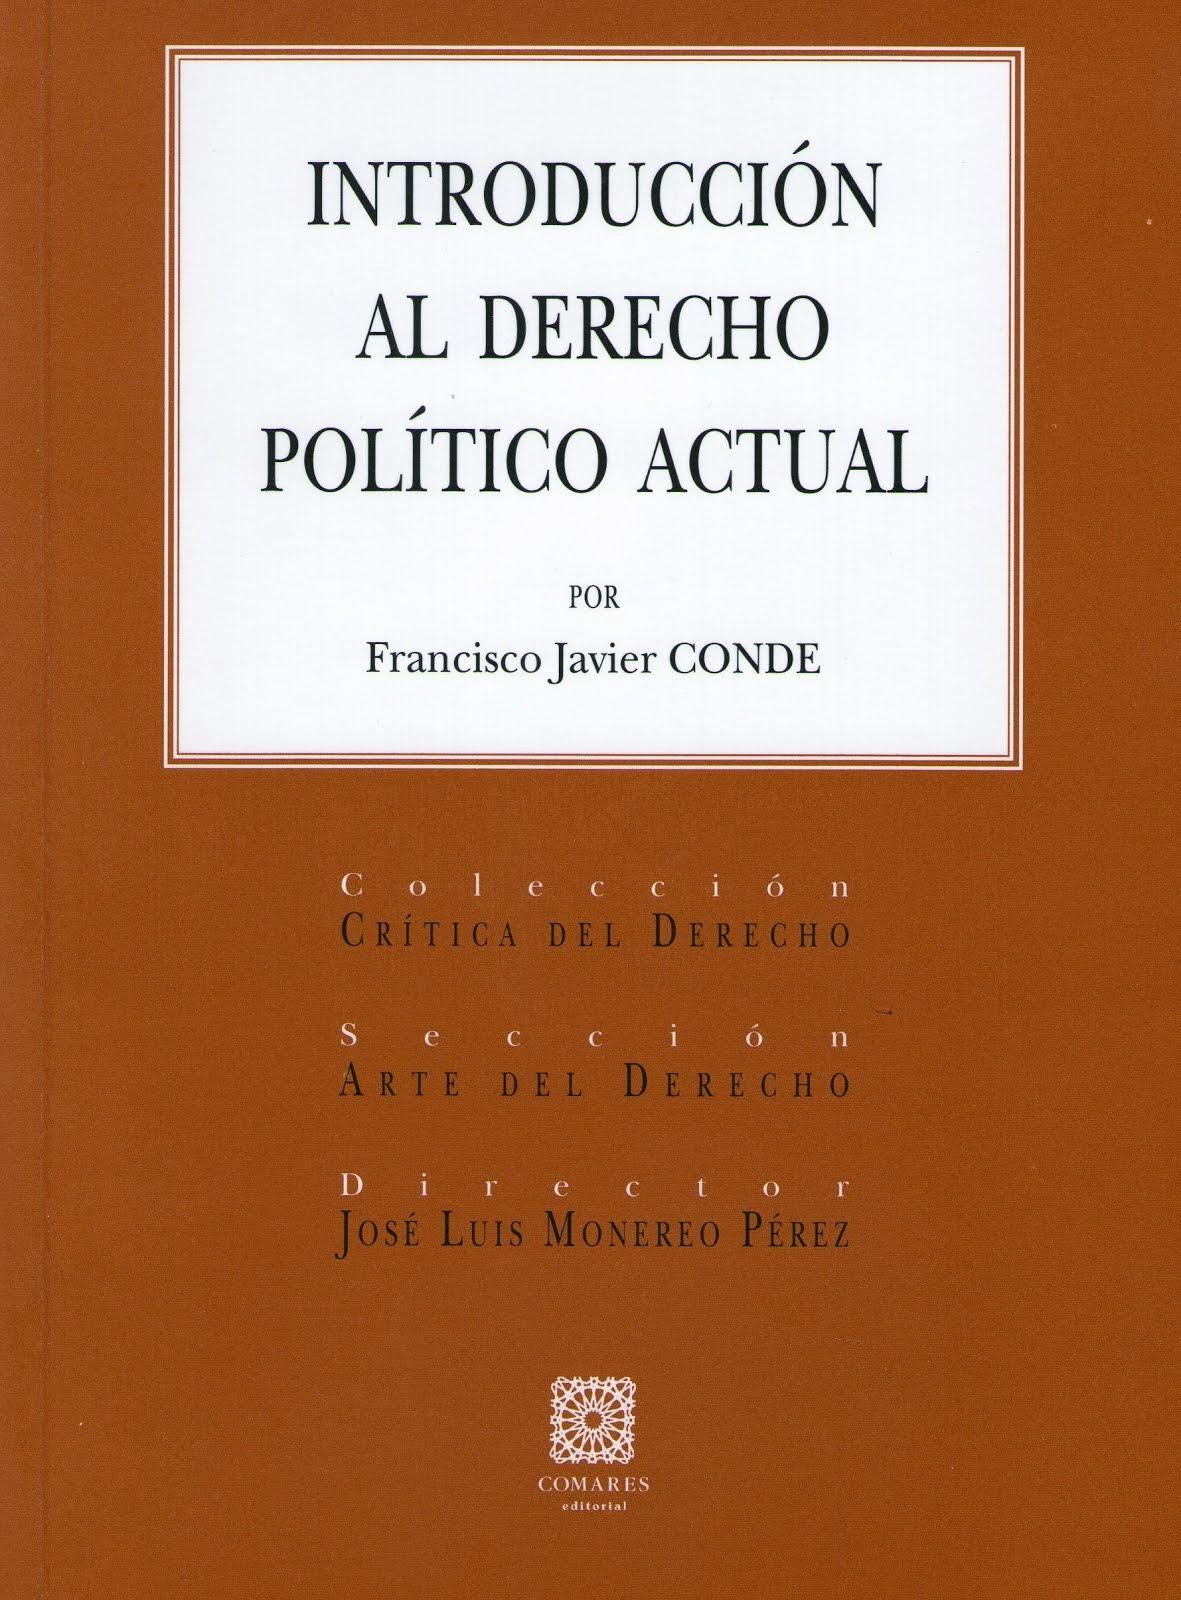 Edición F J Conde, Derecho político